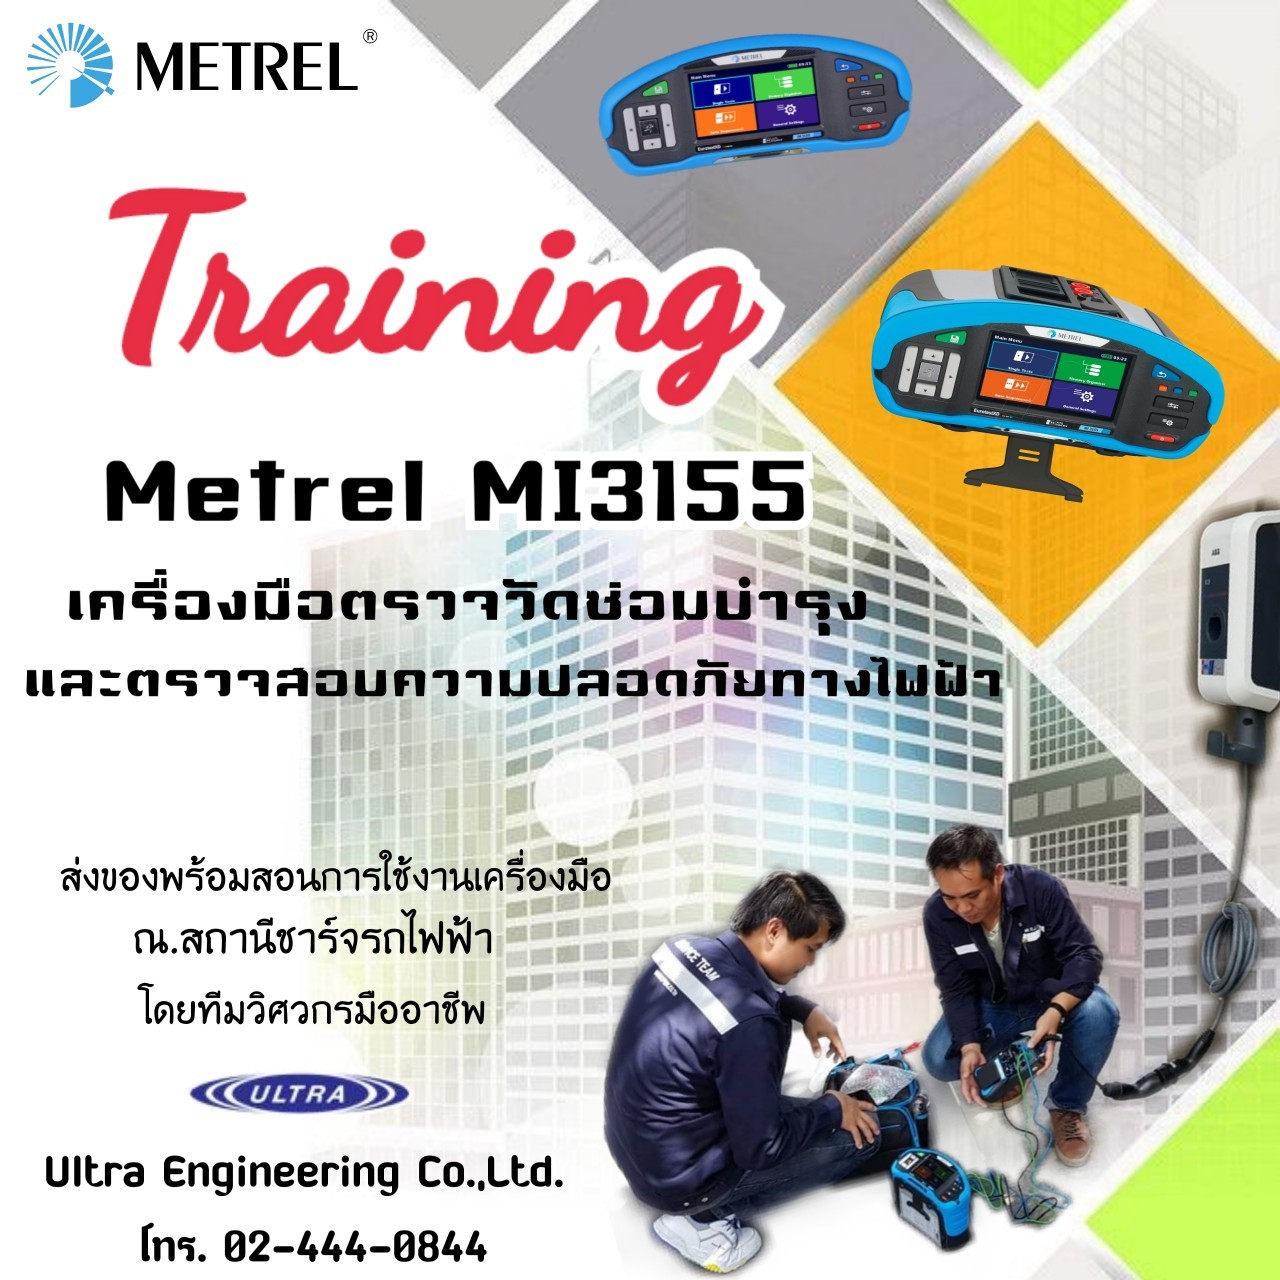 ประมวลภาพส่งสินค้าพร้อมสอนการใช้งานเครื่องมือMetrel สถานีชาร์จรถไฟฟ้า